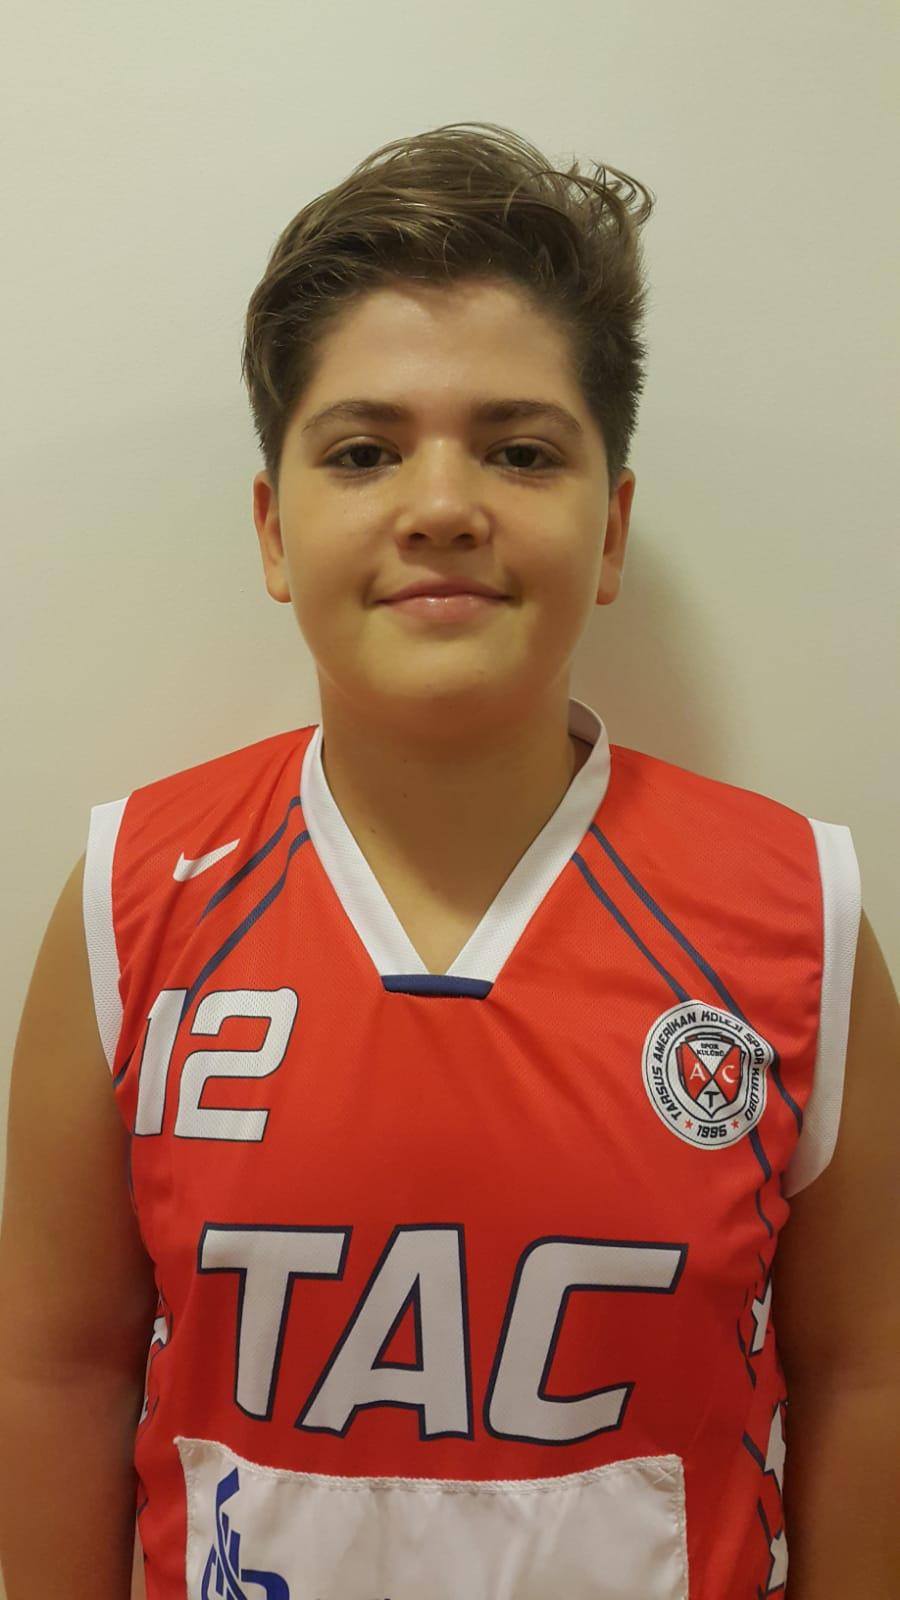 Aydin gizer 2006 guard